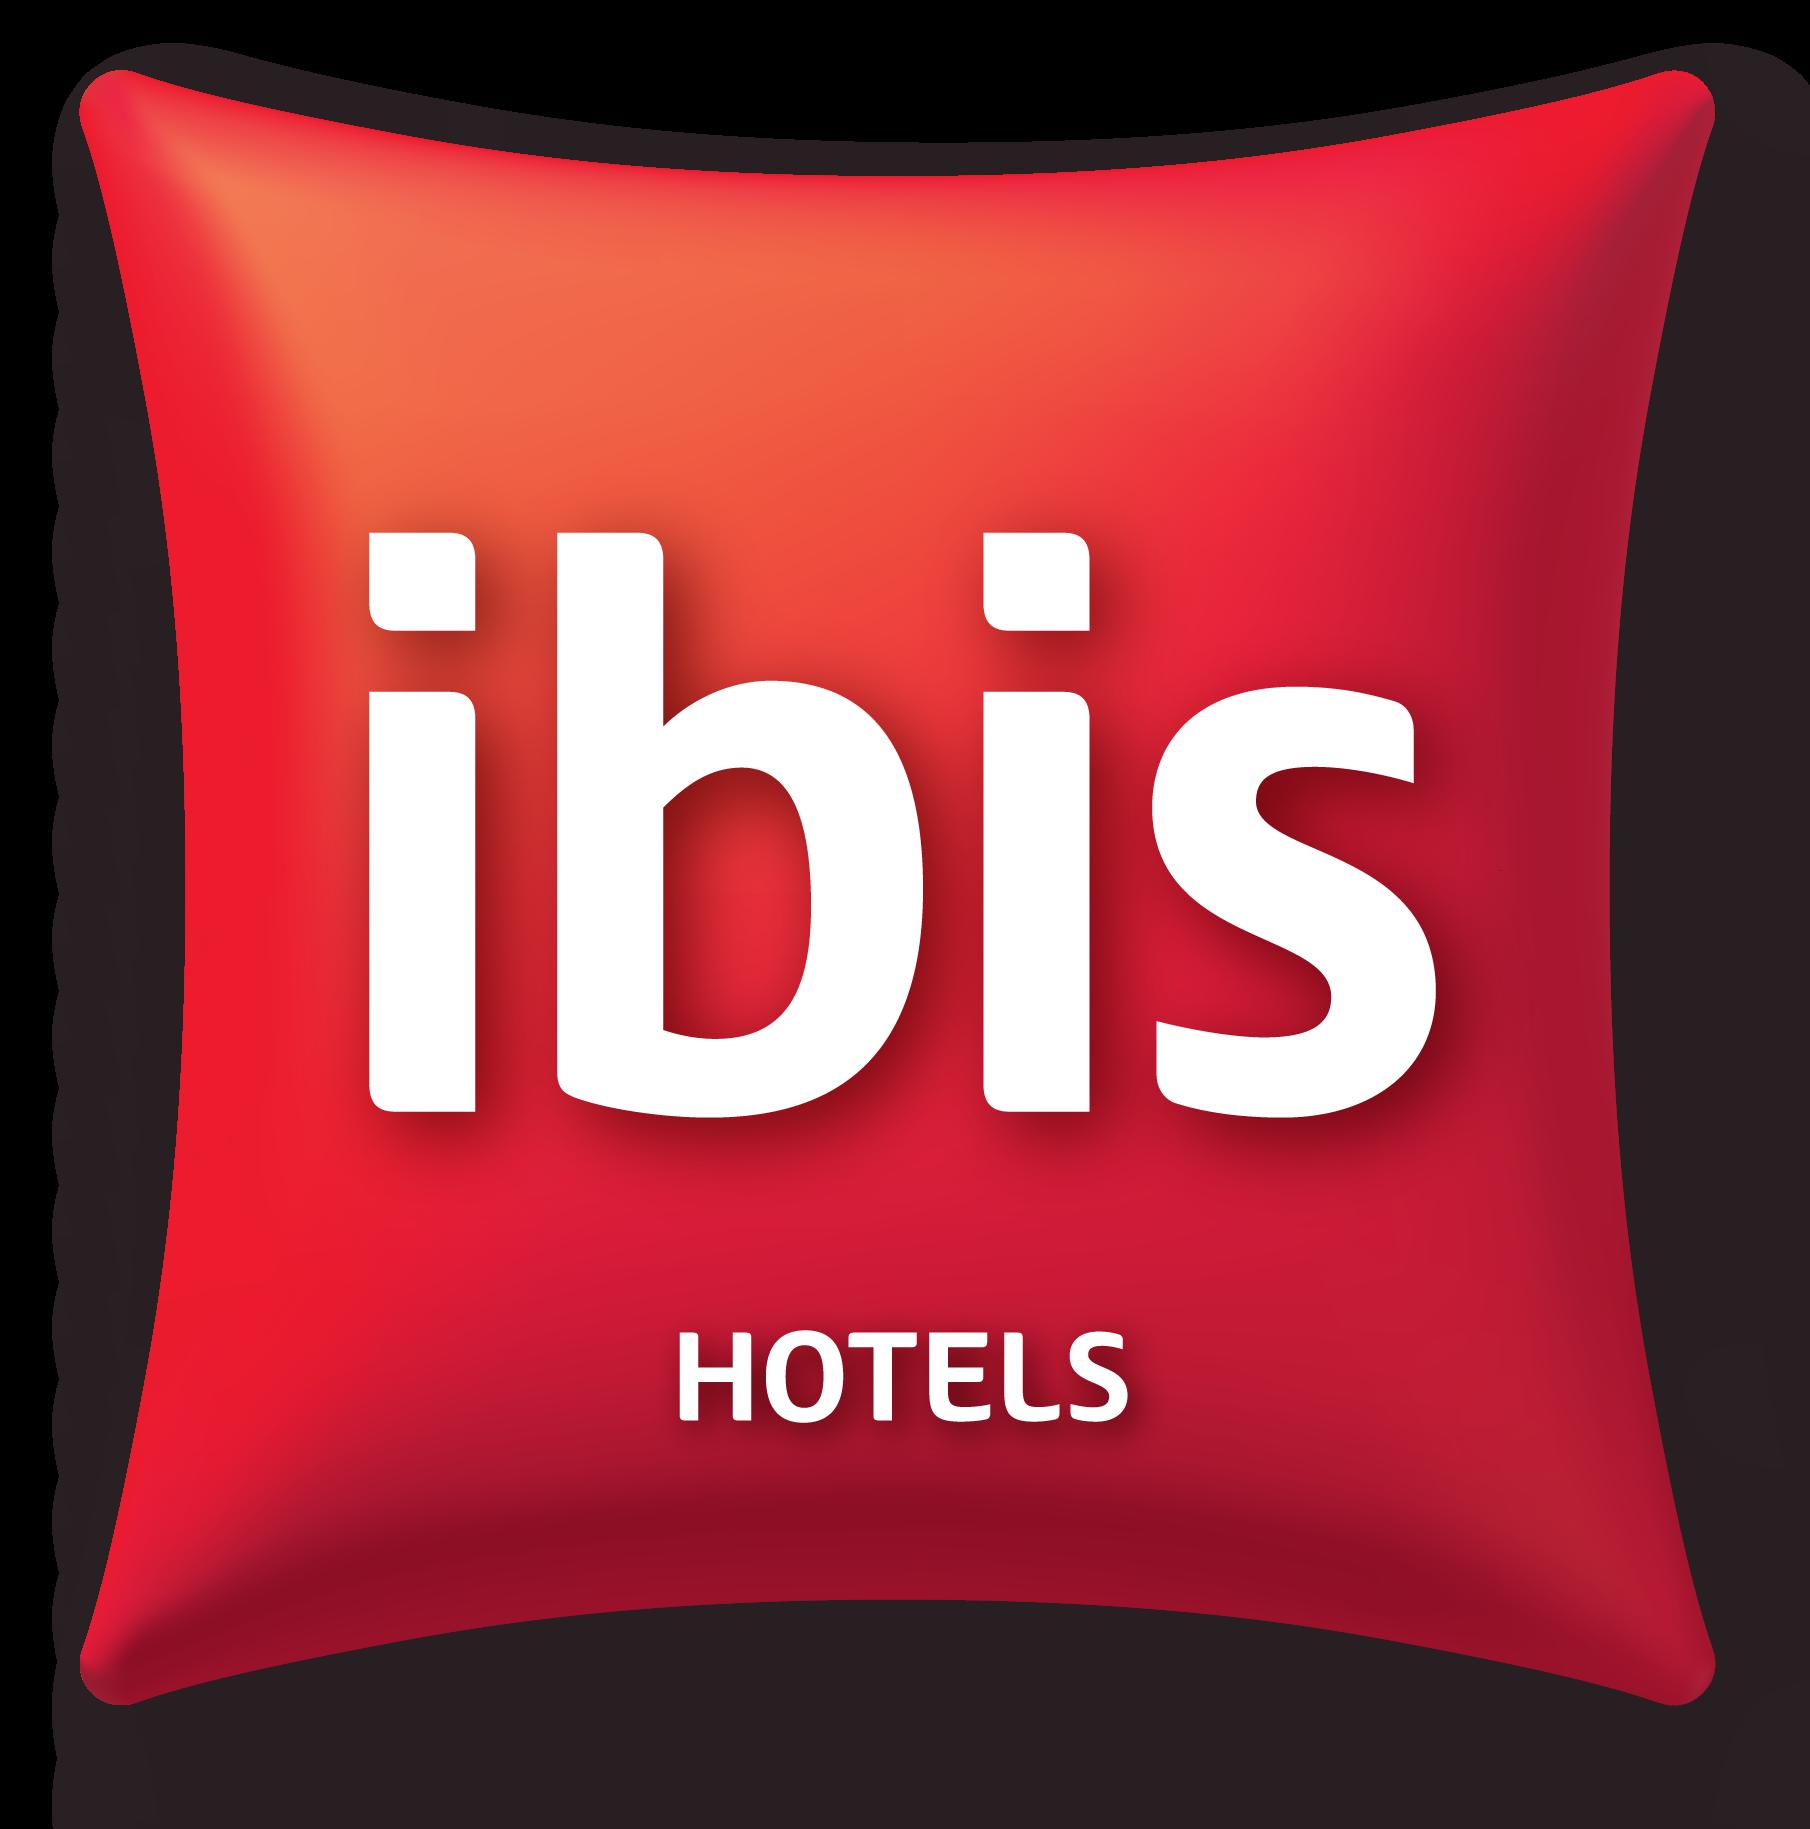 File:Hotel Ibis logo 2012.png.